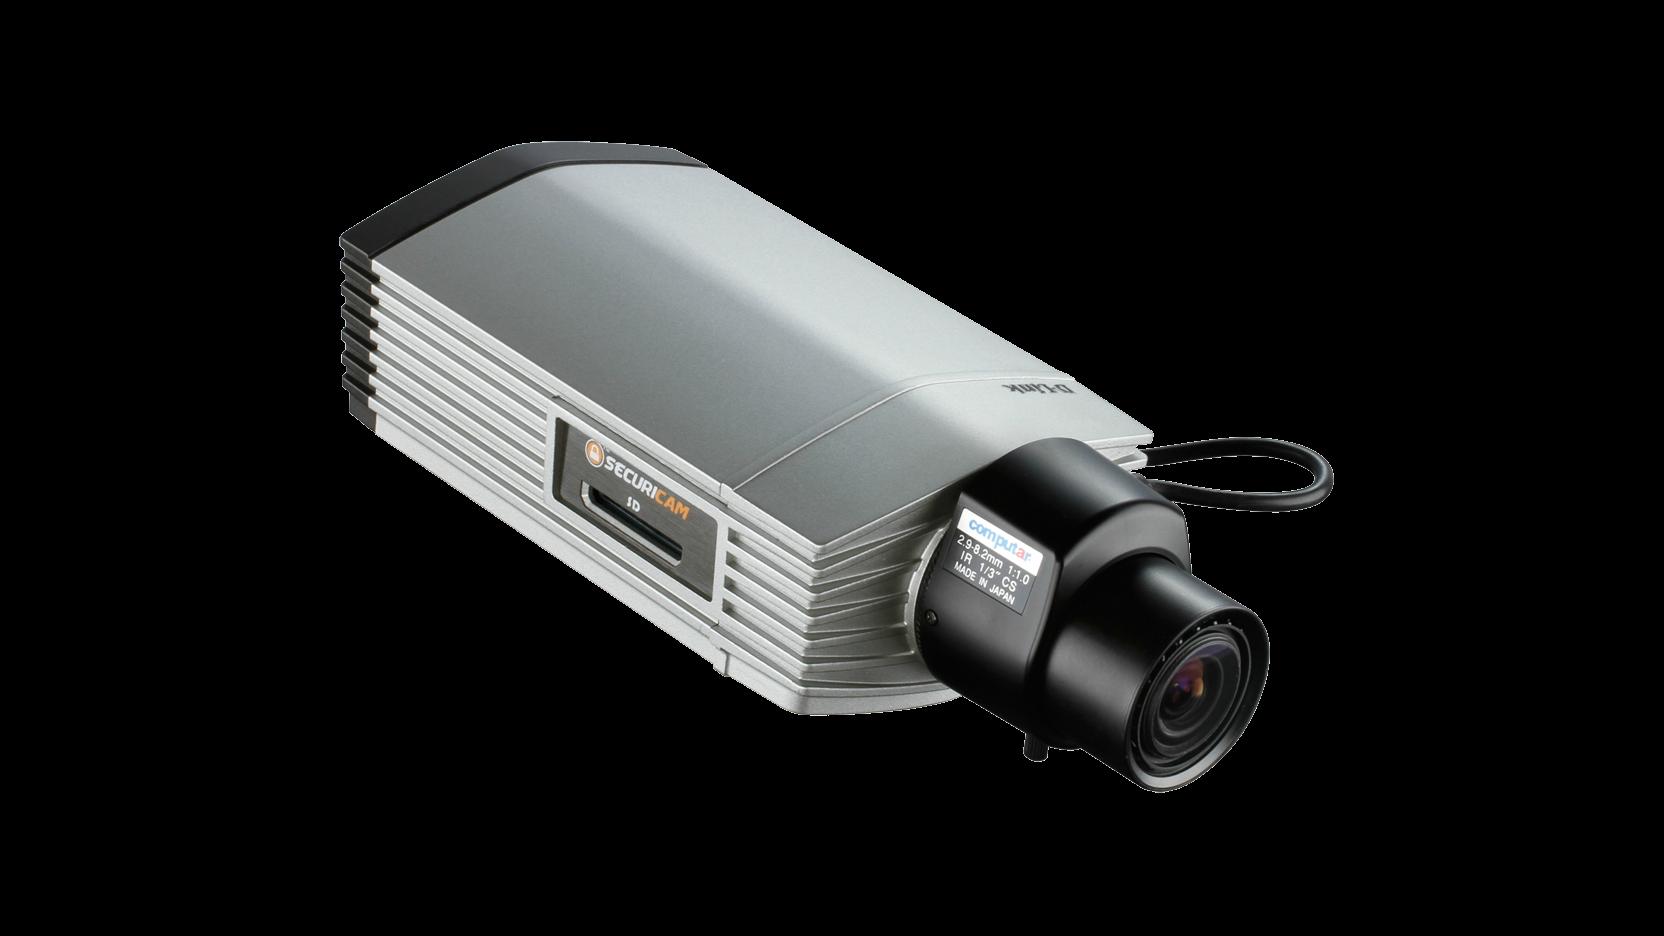 D-Link DCS-3710 Camera Driver Windows 7